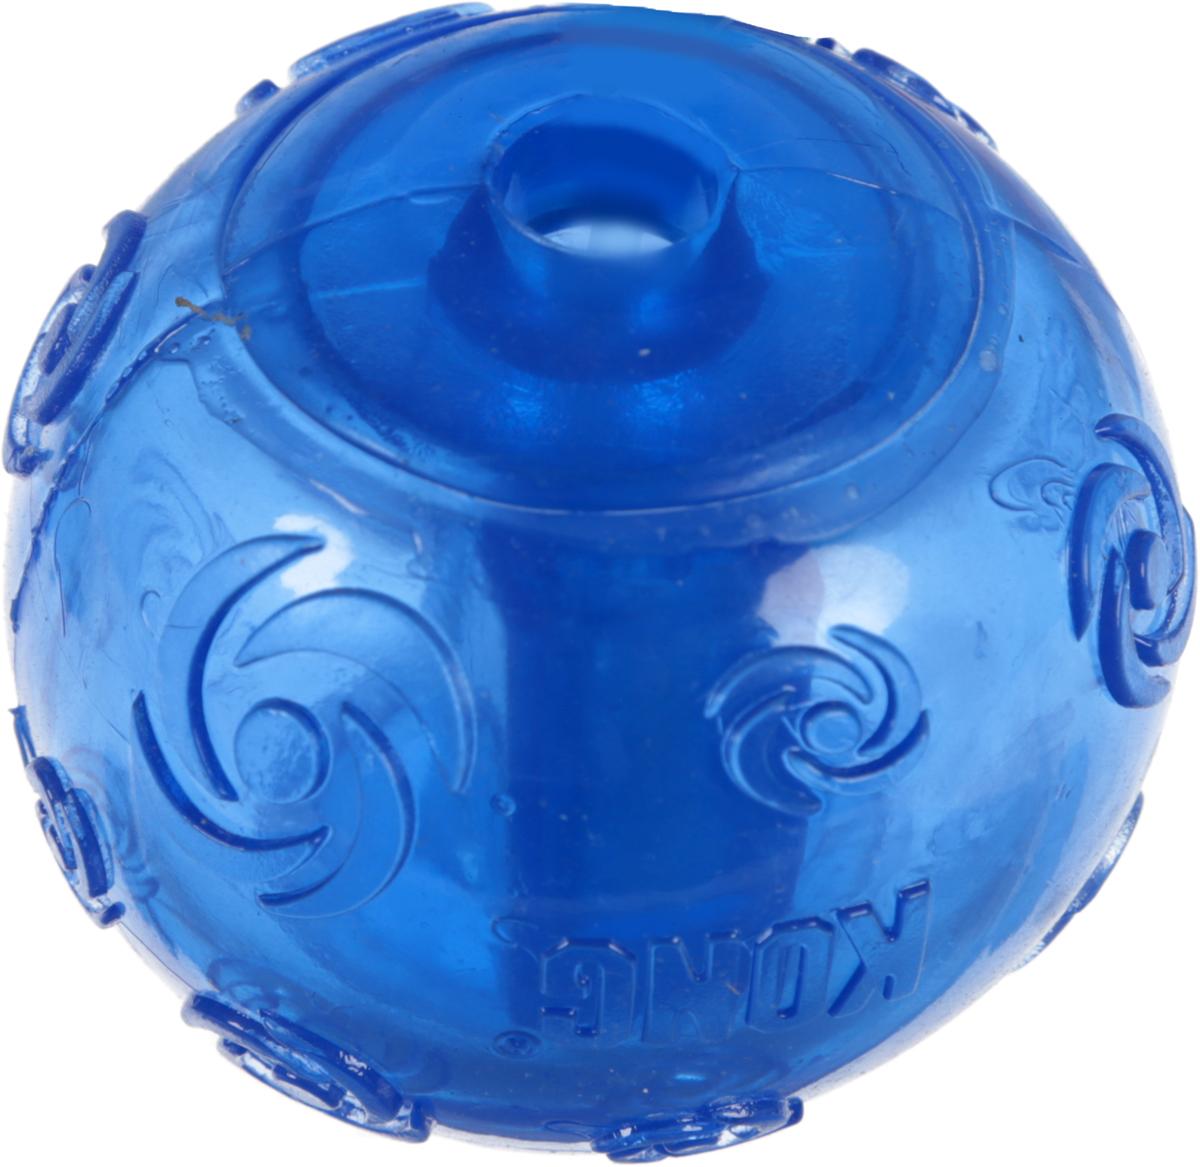 Игрушка для собак Kong Сквиз Мячик, средний, с пищалкой, цвет: синий, диаметр 6 смPSB2_синийИгрушка для собак Kong Сквиз Мячик изготовлена из очень прочной и безопасной резины. Изделие оснащено пищалкой, которая встроена глубоко внутри, поэтому она более безопасна, чем другие пищалки и издает самые забавные звуки. Прекрасно подходит для игр с апортом, способность к непредсказуемым отскокам и пищалка гарантируют целую гамму веселья вам и вашей собаке.